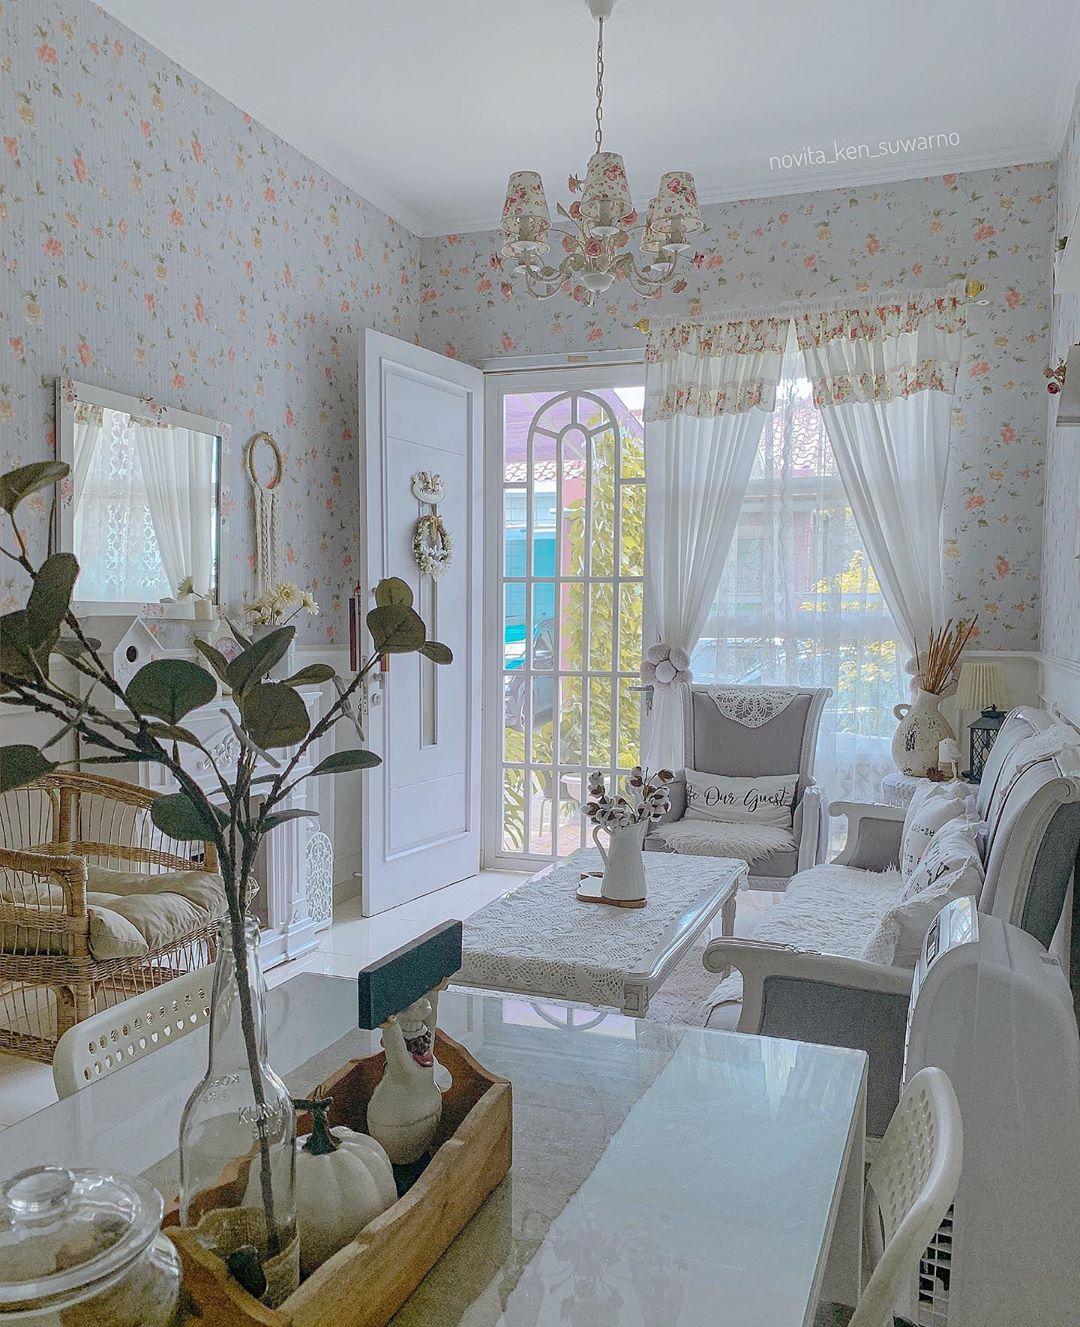 Wallpaper Dinding Ruang Tamu Minimalis Motif Bunga Rumah Shabby